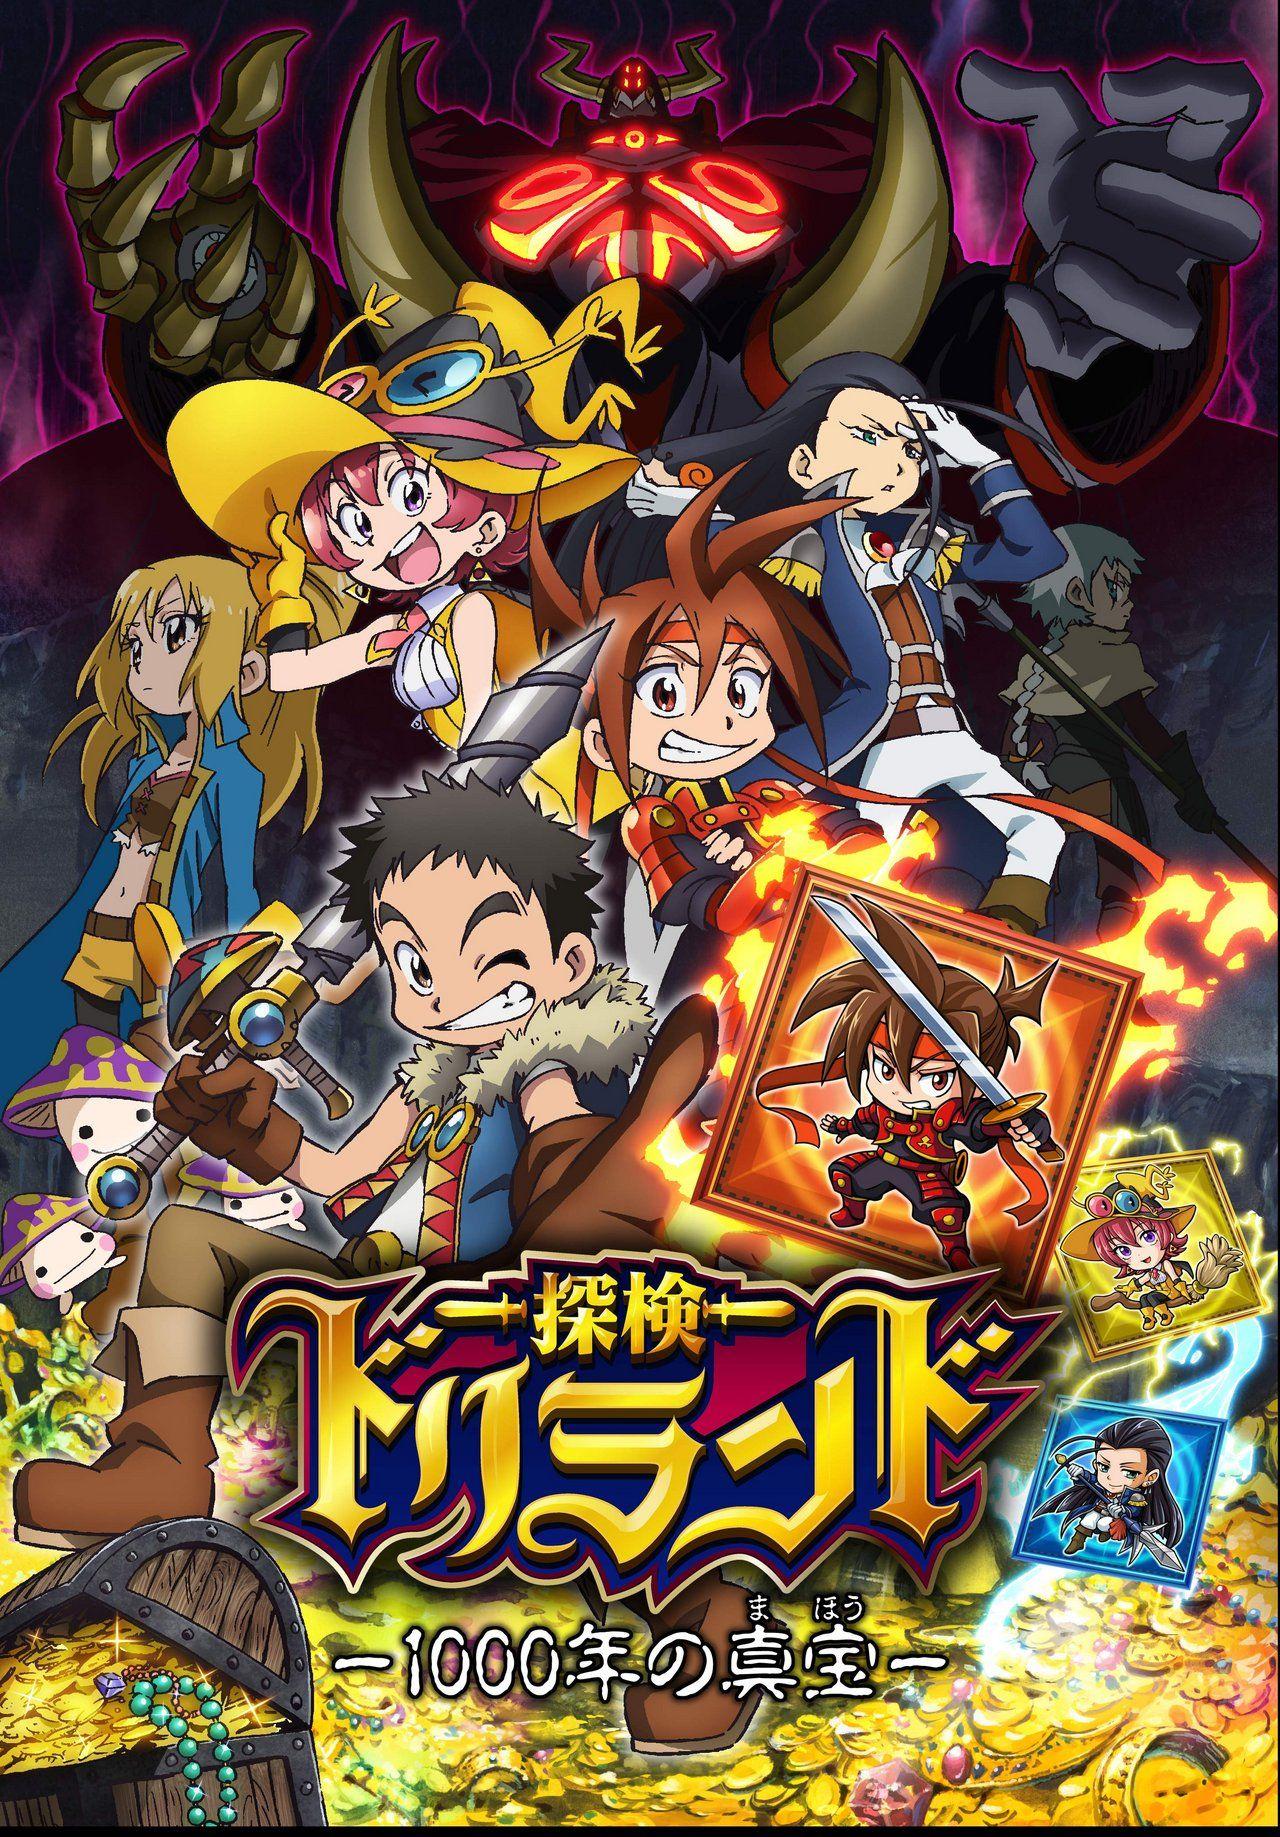 Tanken Driland 1000nen no Mahou Anime, Anime shows